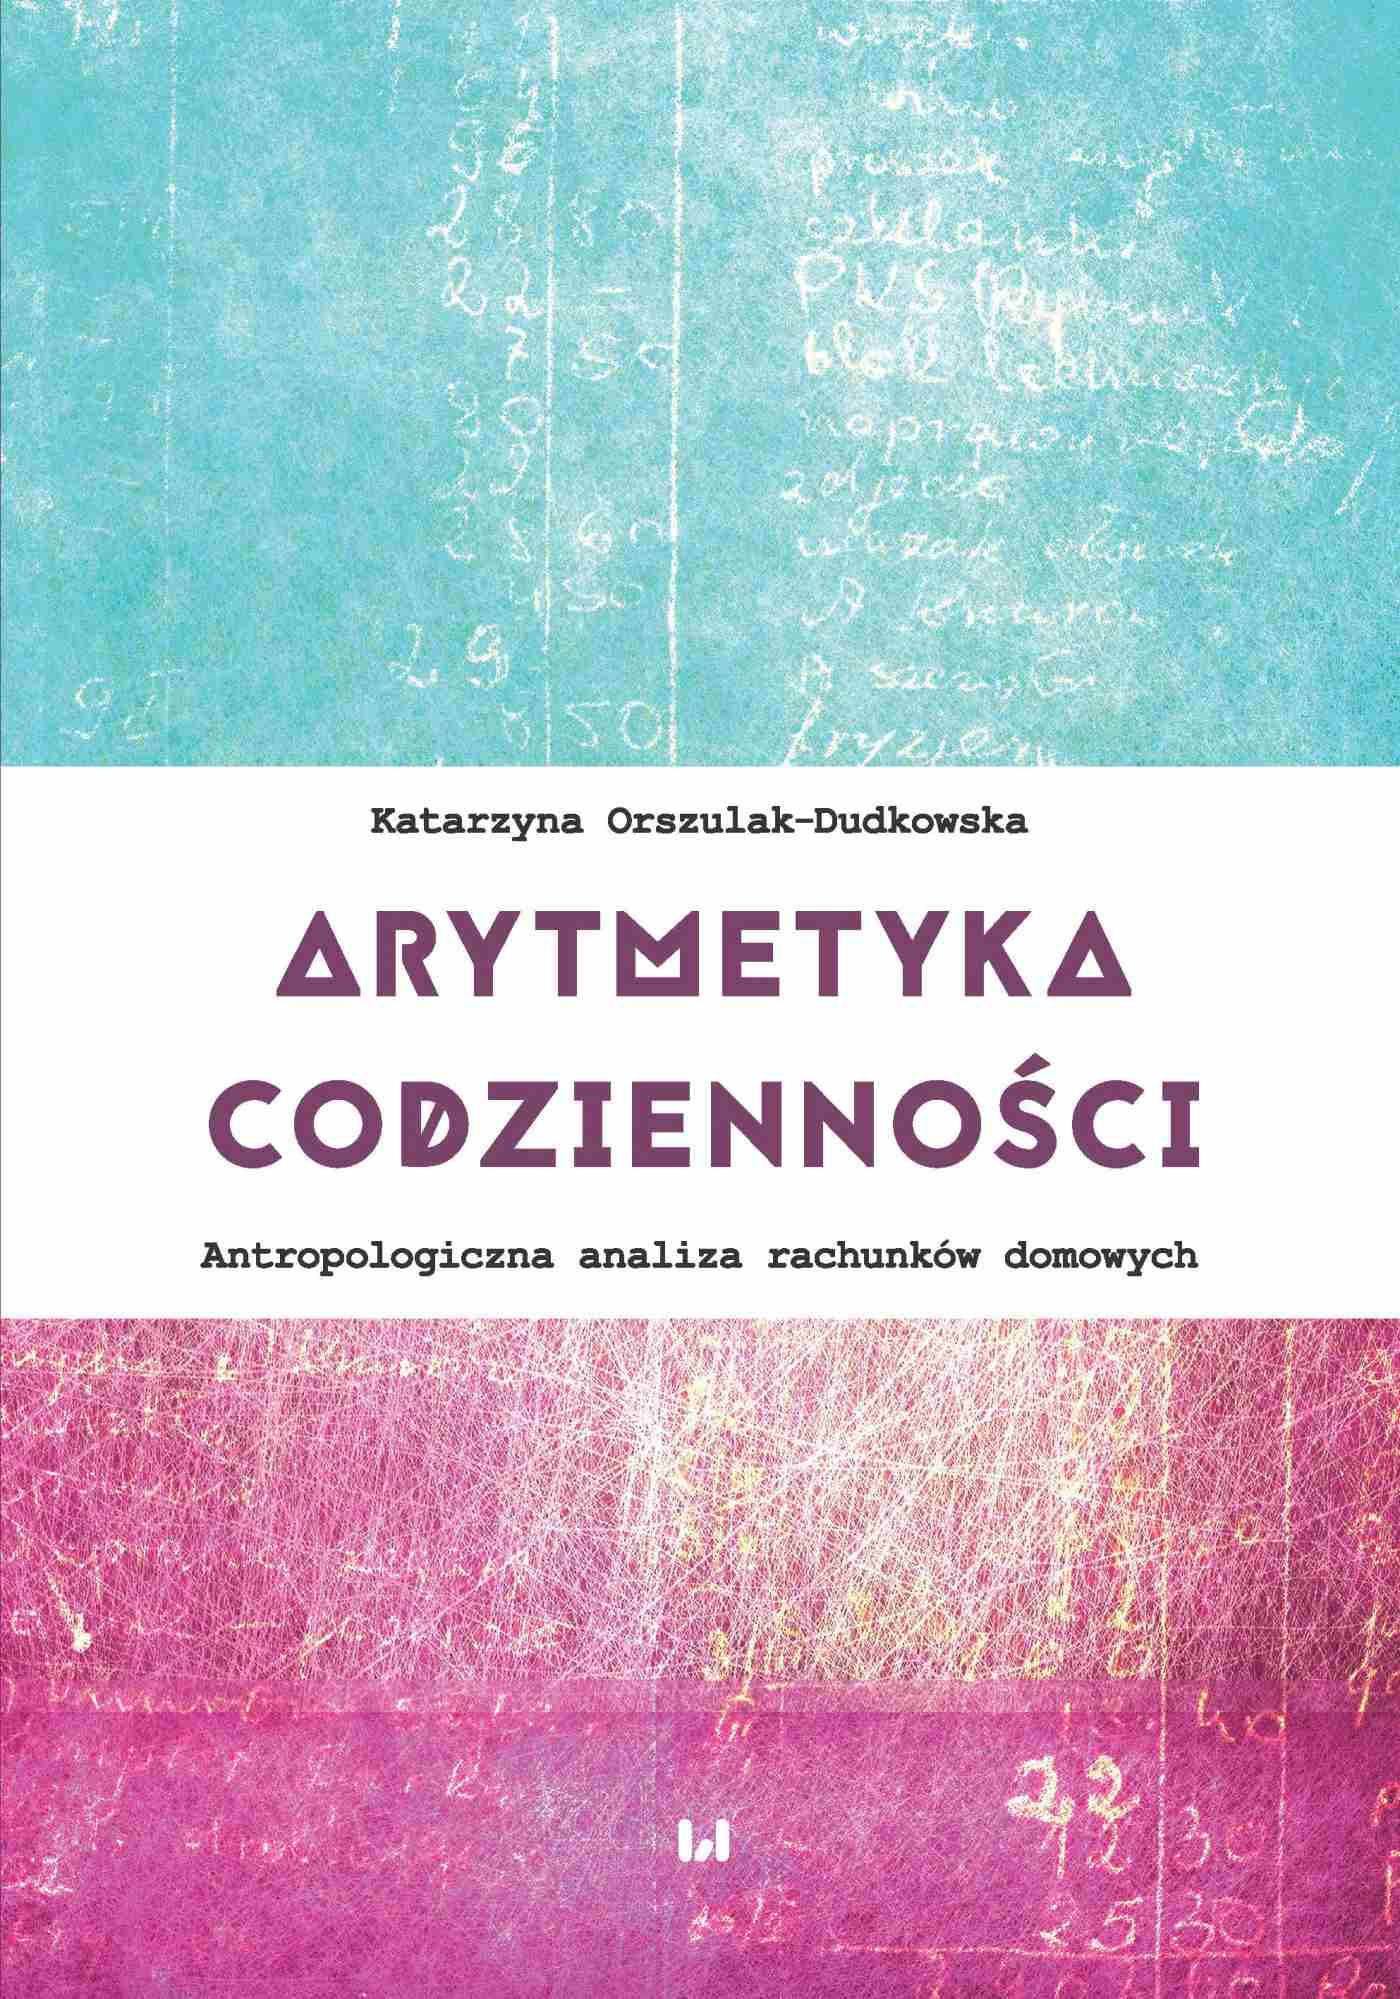 Arytmetyka codzienności. Antropologiczna analiza rachunków domowych - Ebook (Książka PDF) do pobrania w formacie PDF